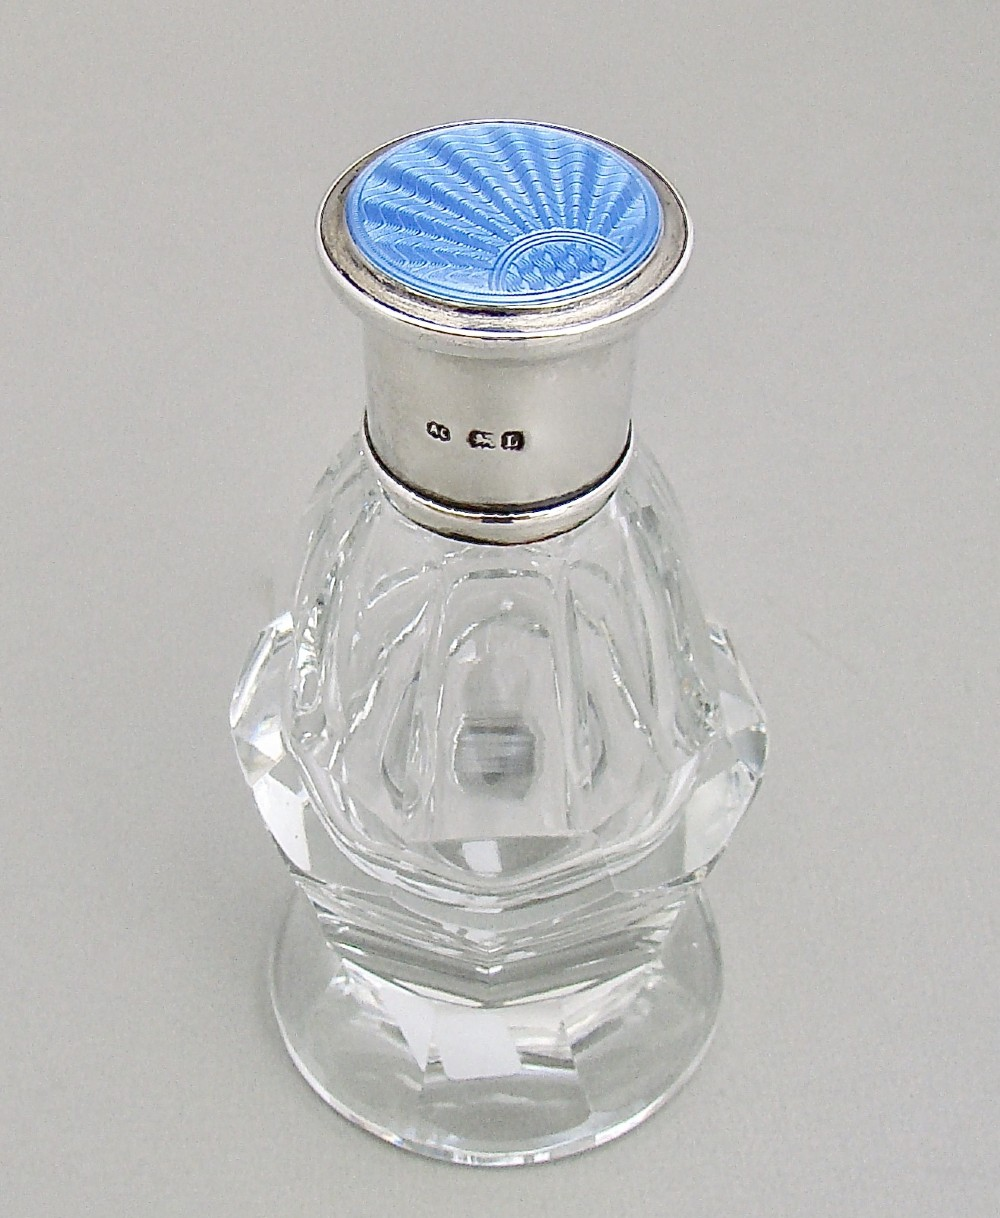 elegant art deco silver guilloche enamel cut glass scent bottle by albert carter birmingham 1936